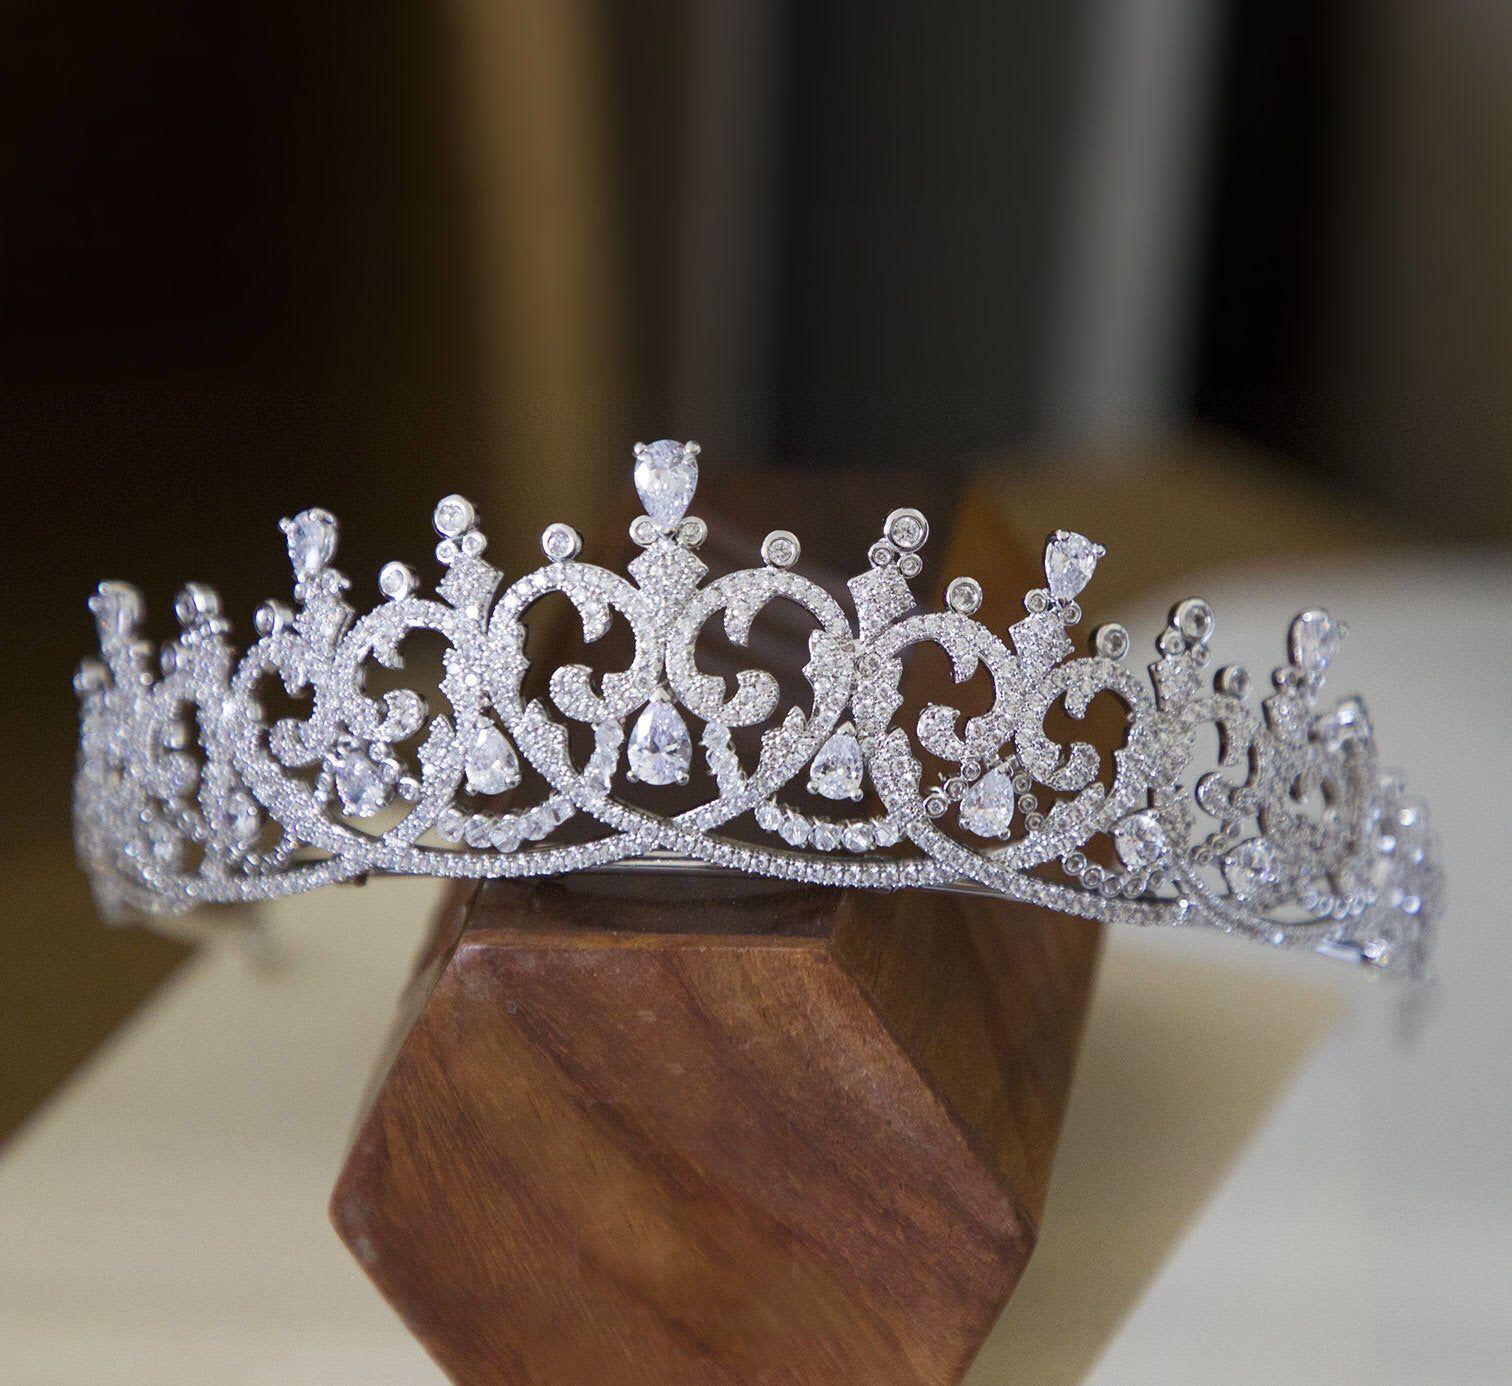 Baroque Branch Bridal Crown Rhinestone Tiara Dragonfly Hair Accessory Splendid